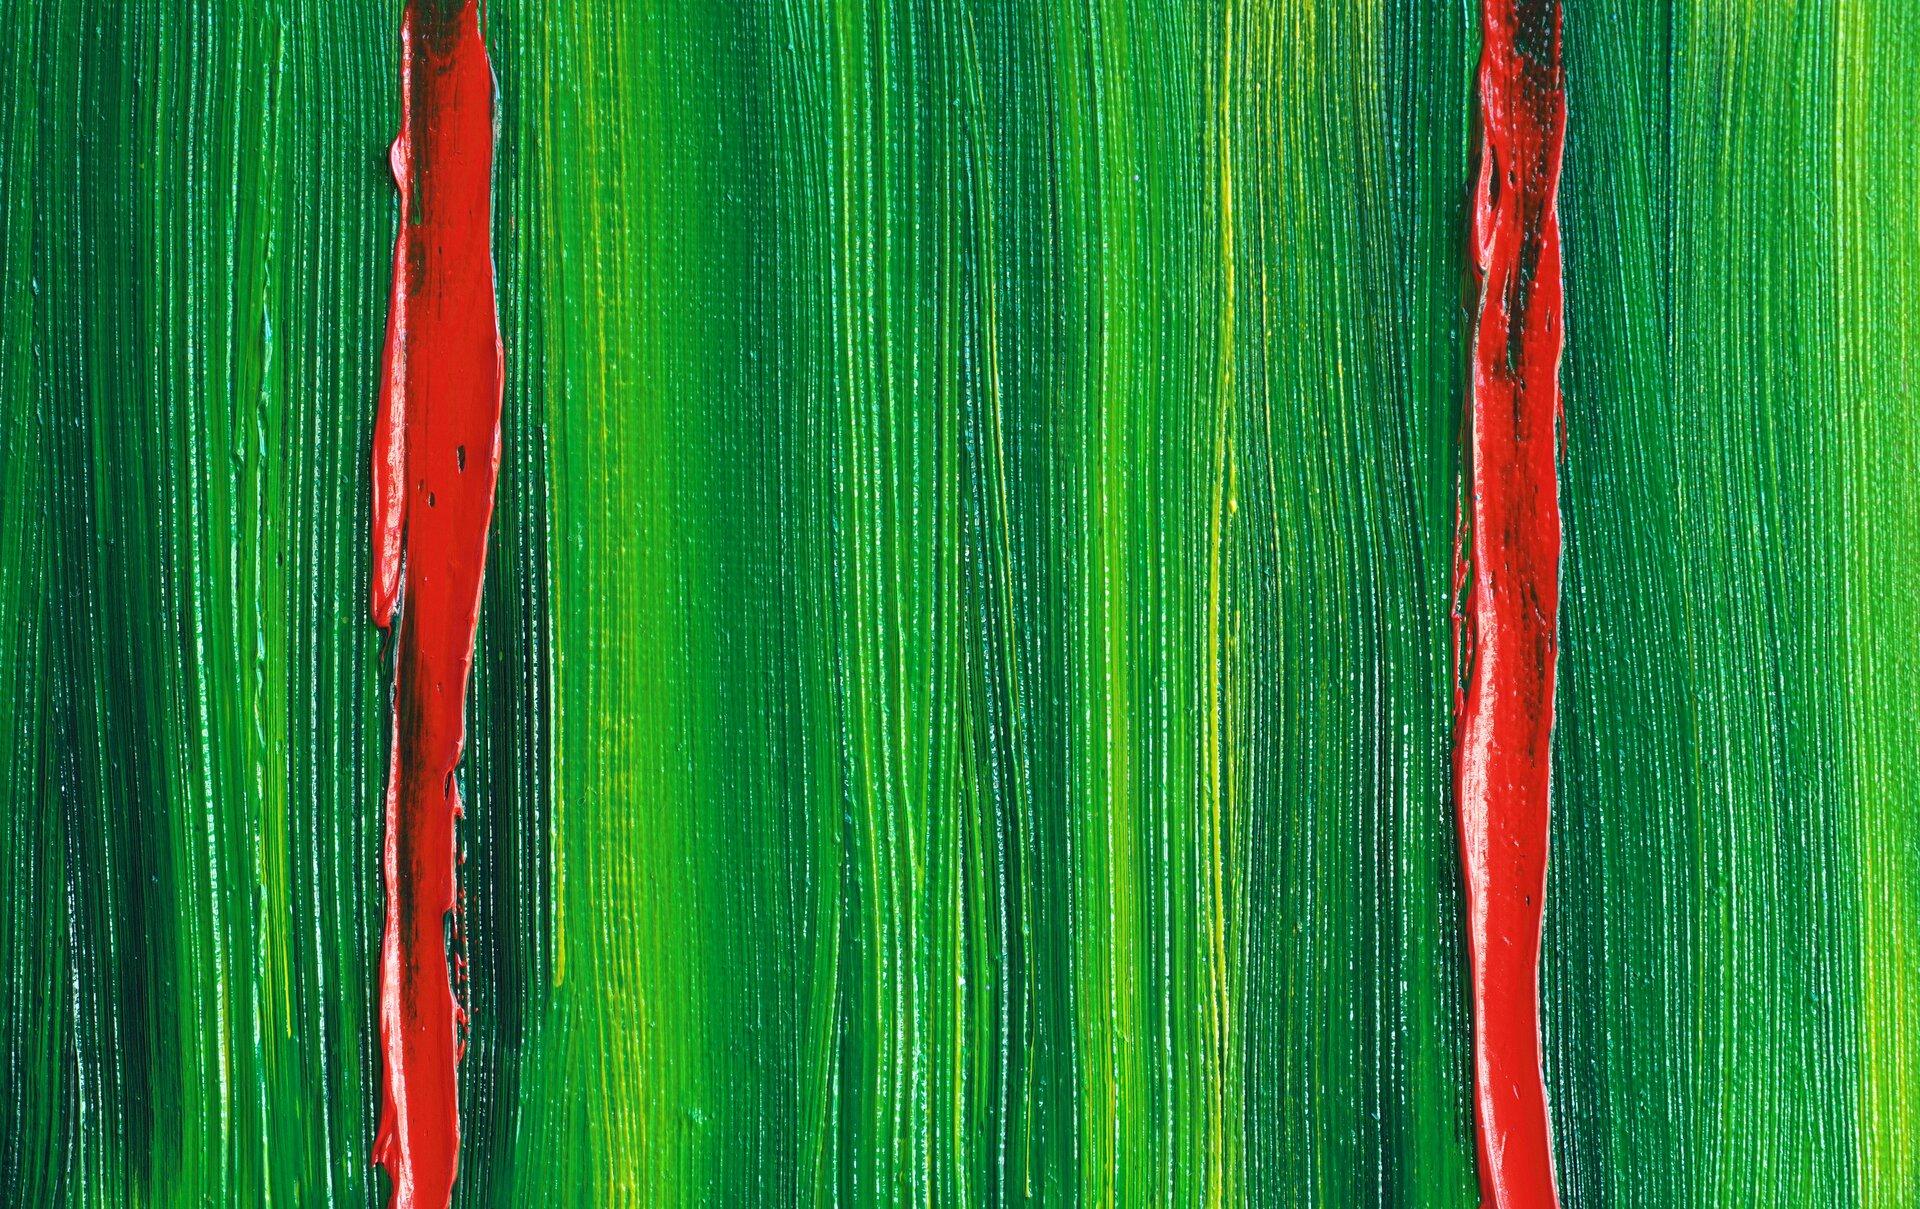 Ilustracja przedstawia kontrast barw dopełniających. Tło wodcieniach zieleni przecinają dwie czerwone pionowe linie.